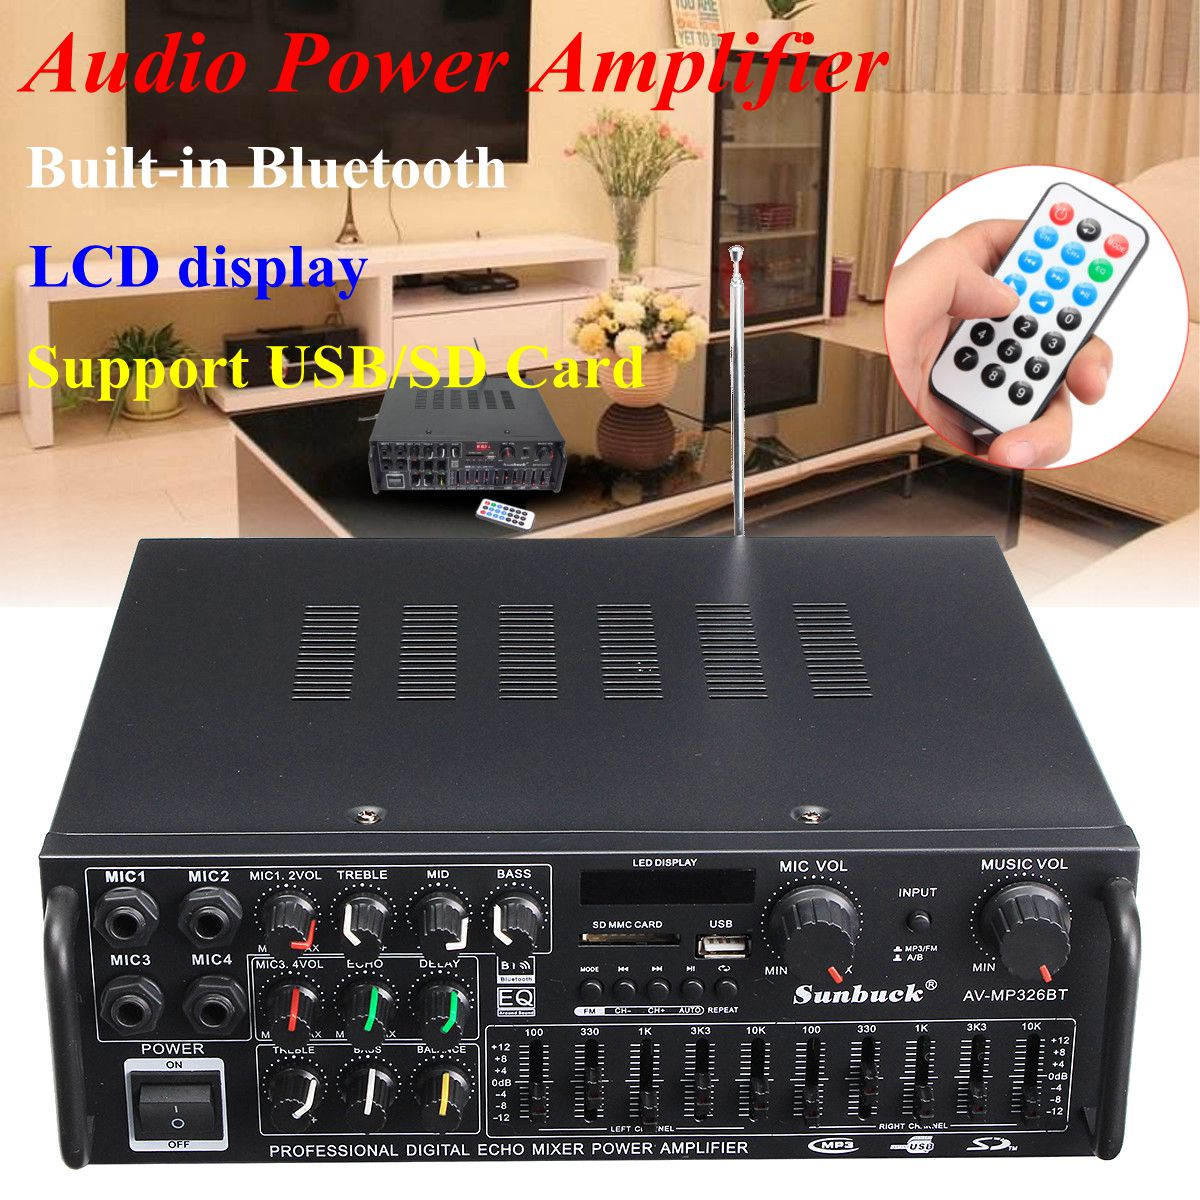 2000W bluetooth 2.0 Channel Audio HiFi Amplifier Stereo 326BT 12V/220V AV Amp Speaker Support 4 Microphone Reverb Equilibrium2000W bluetooth 2.0 Channel Audio HiFi Amplifier Stereo 326BT 12V/220V AV Amp Speaker Support 4 Microphone Reverb Equilibrium